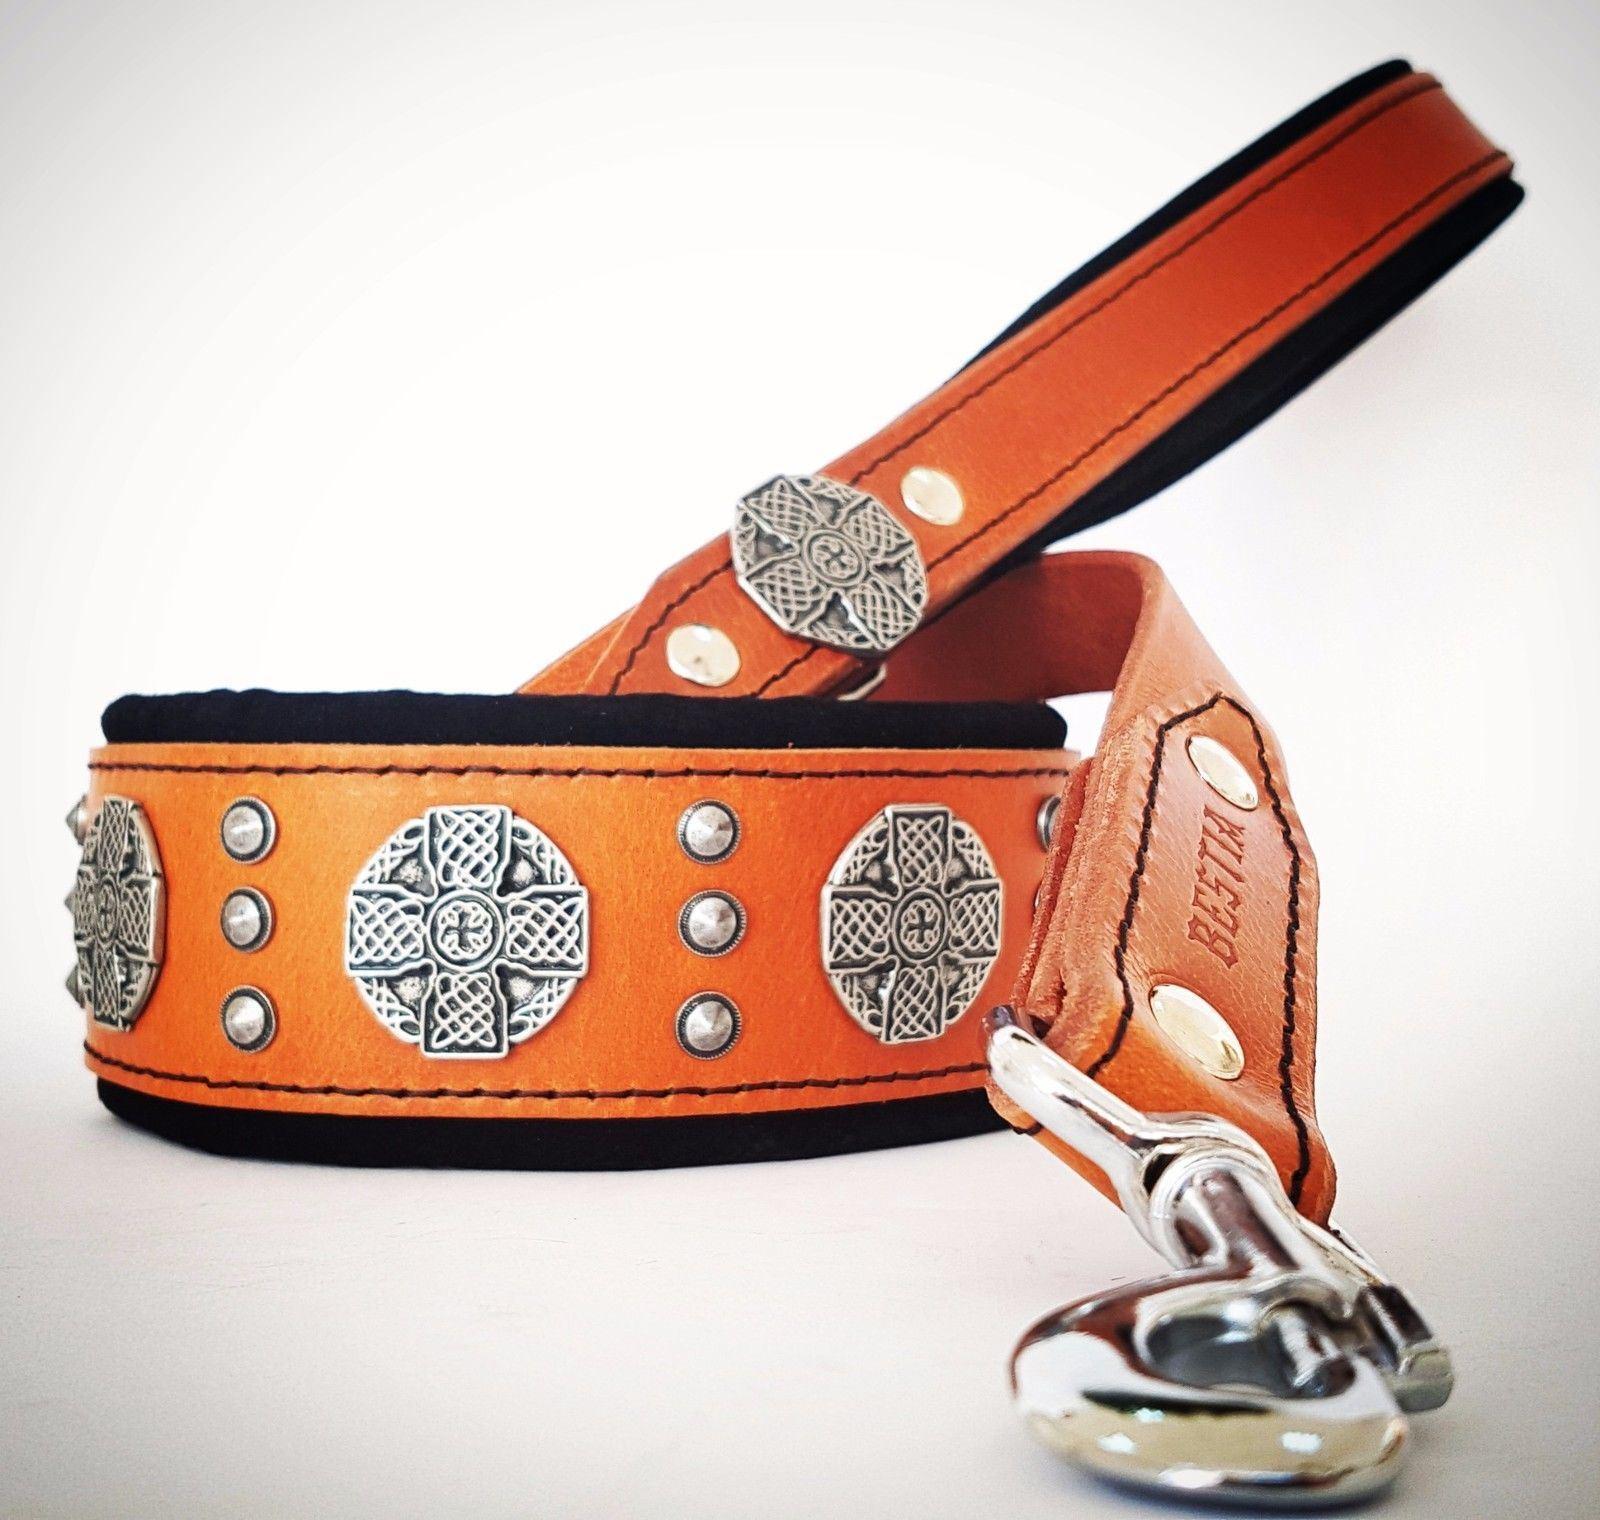 Maximus Set Collare Collare Collare & Lead. qualità fatti a mano da BESTIA. MADE in Europe. M-XXL. 5d72ee